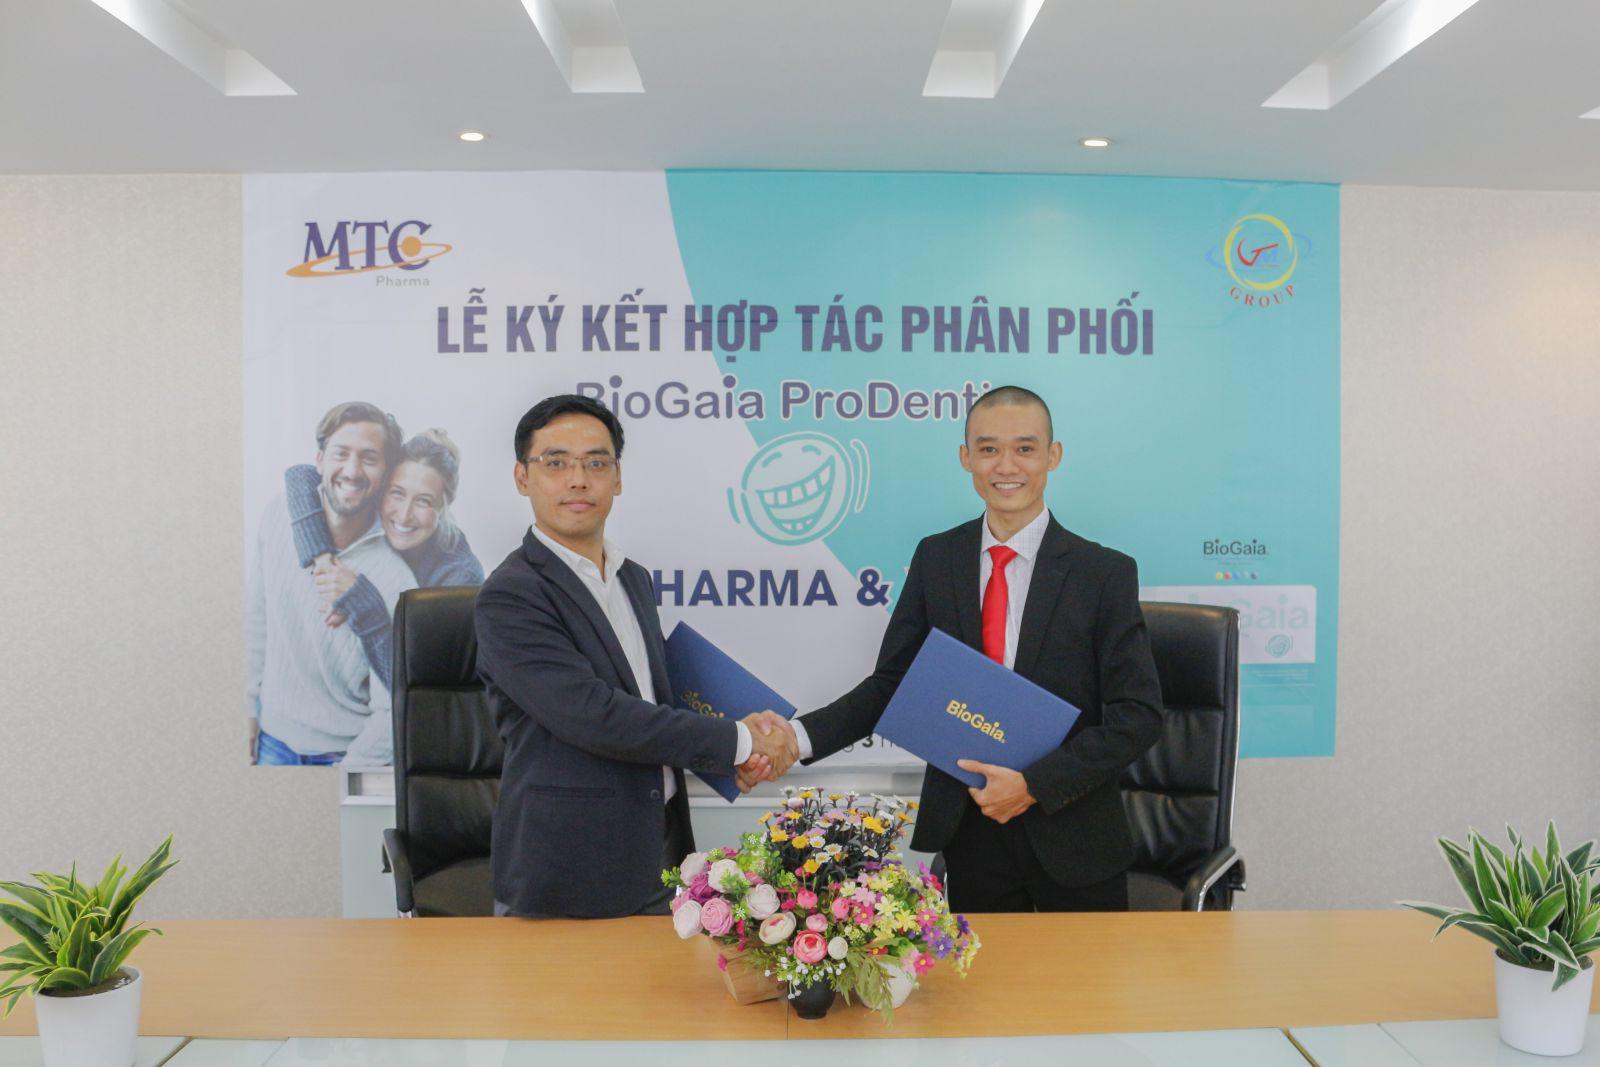 ConeX hợp tác phân phối BioGaia Prodentis cùng MTC Pharma